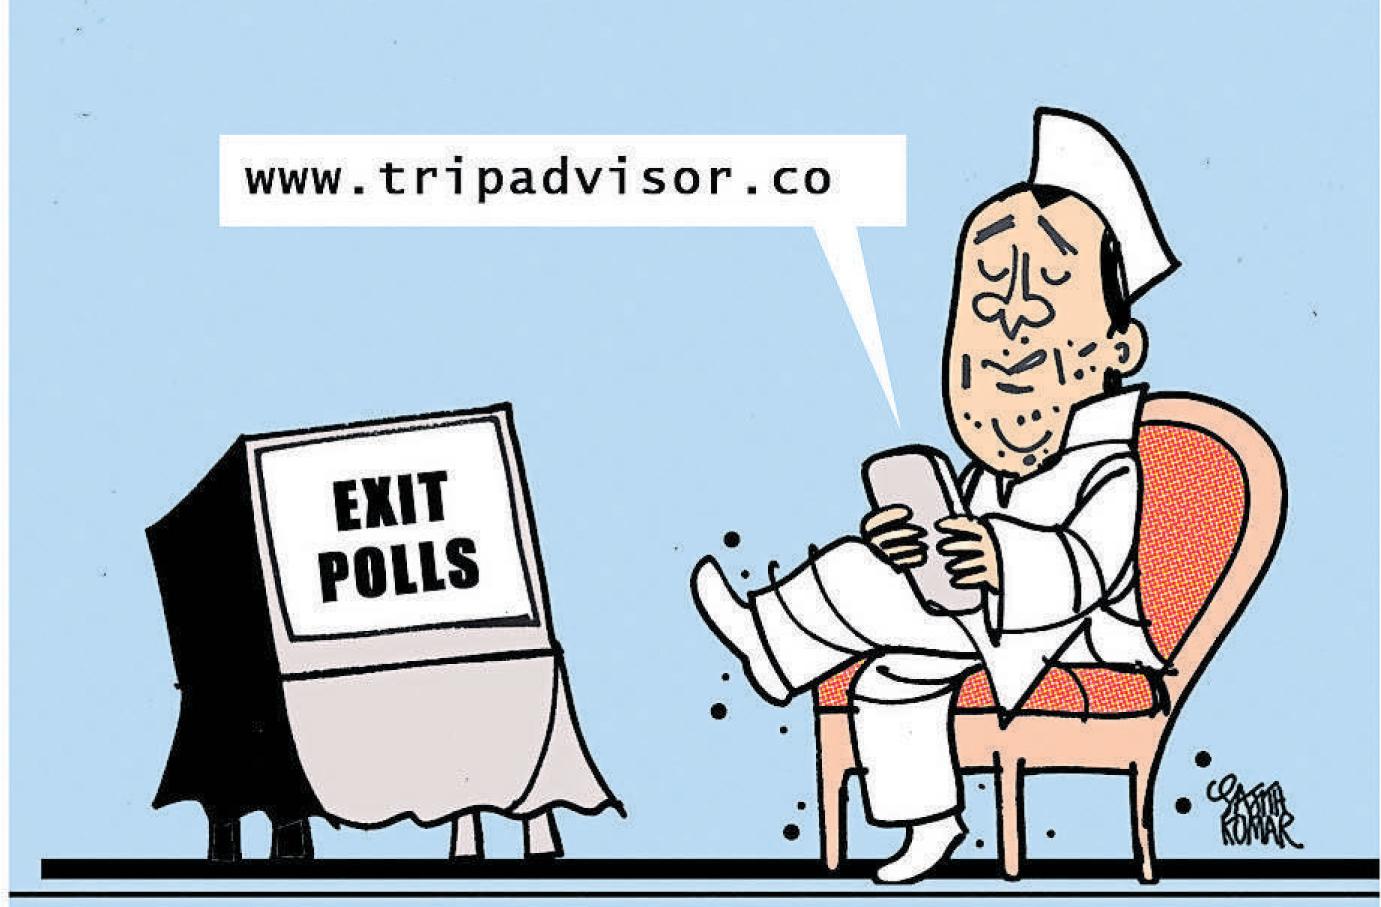 BJP to win in Maharashtra, Haryana: Exit polls